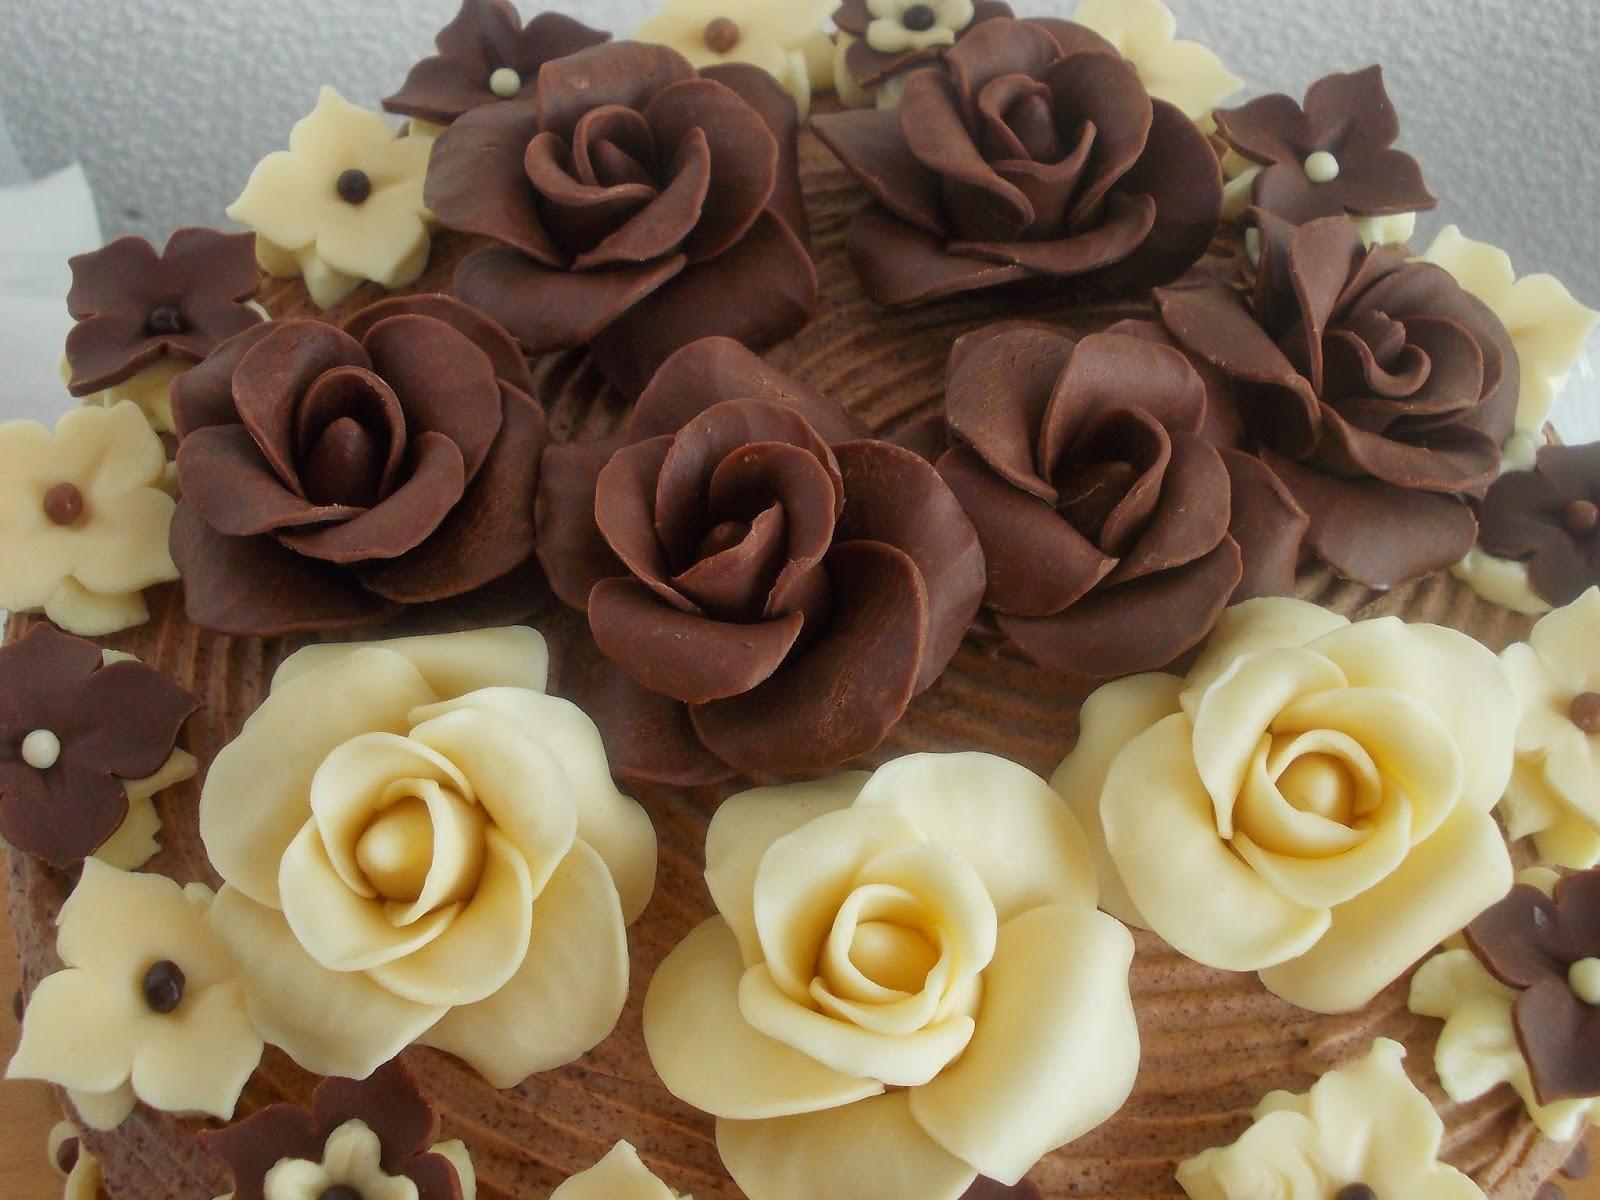 boldog születésnapot csoki muffinomatsutok: Csokis rozsa torta boldog születésnapot csoki